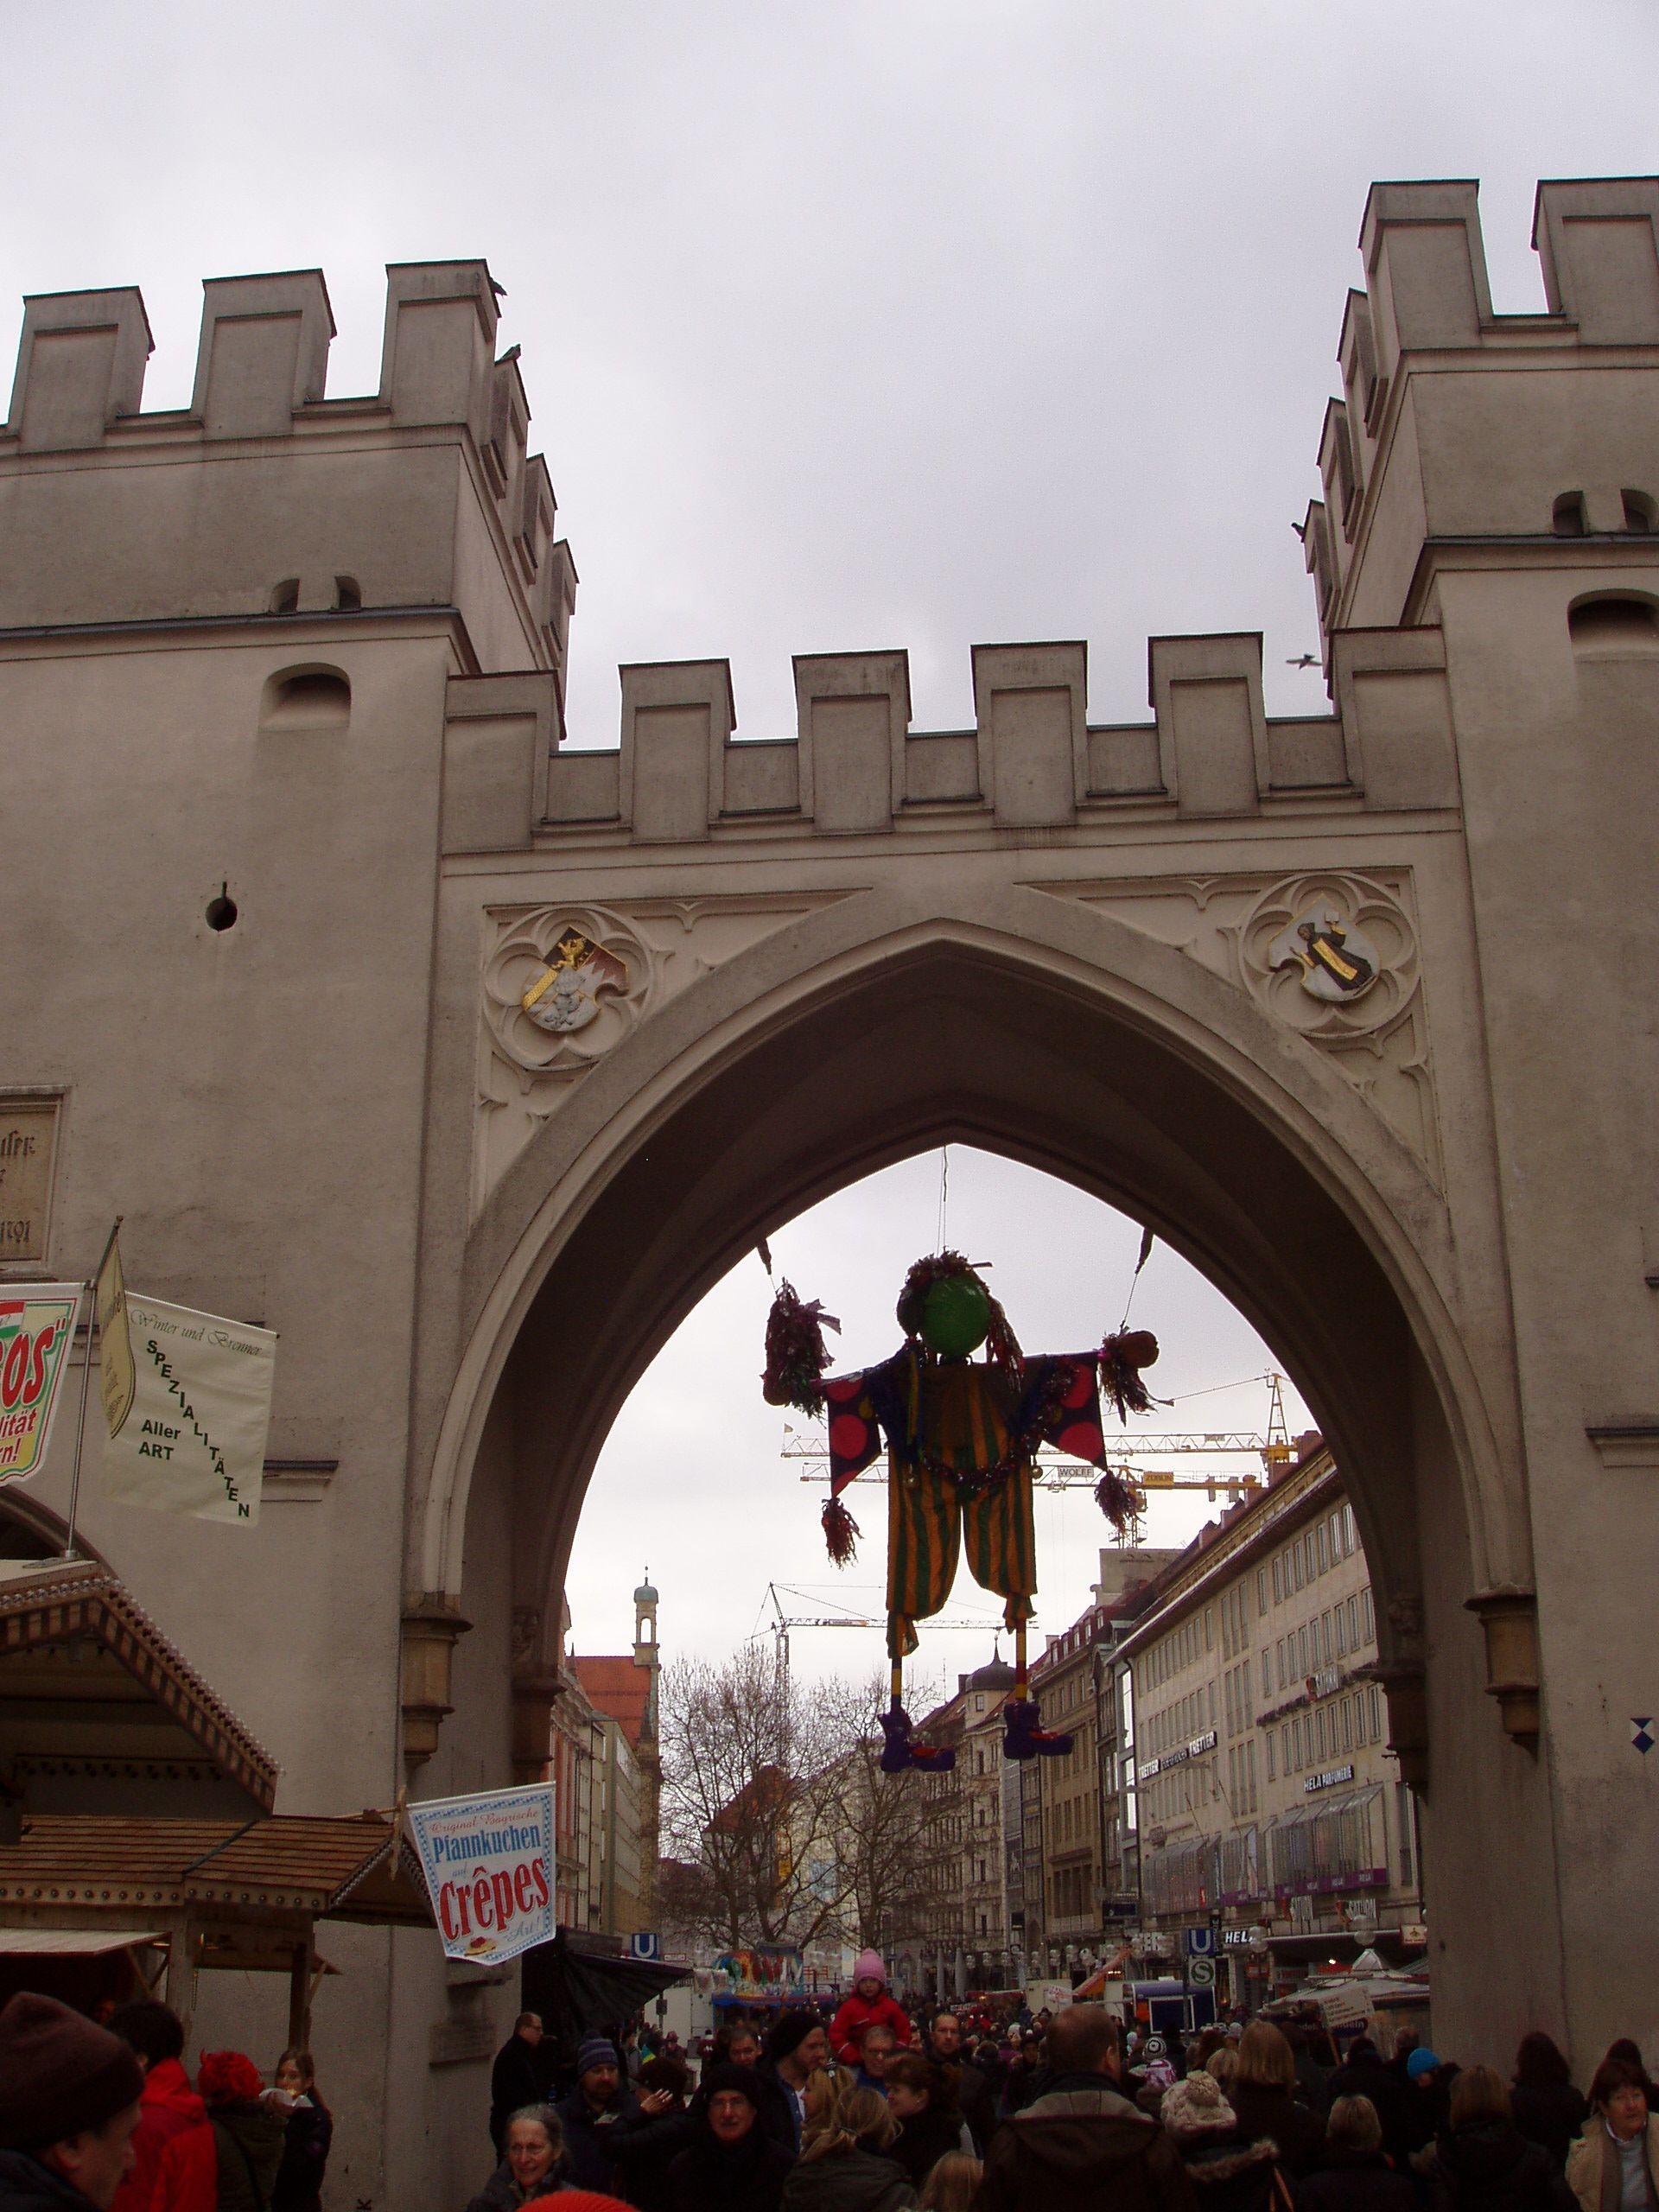 Karneval Muenchen Munich Fasching Endspurt Hotel münchen